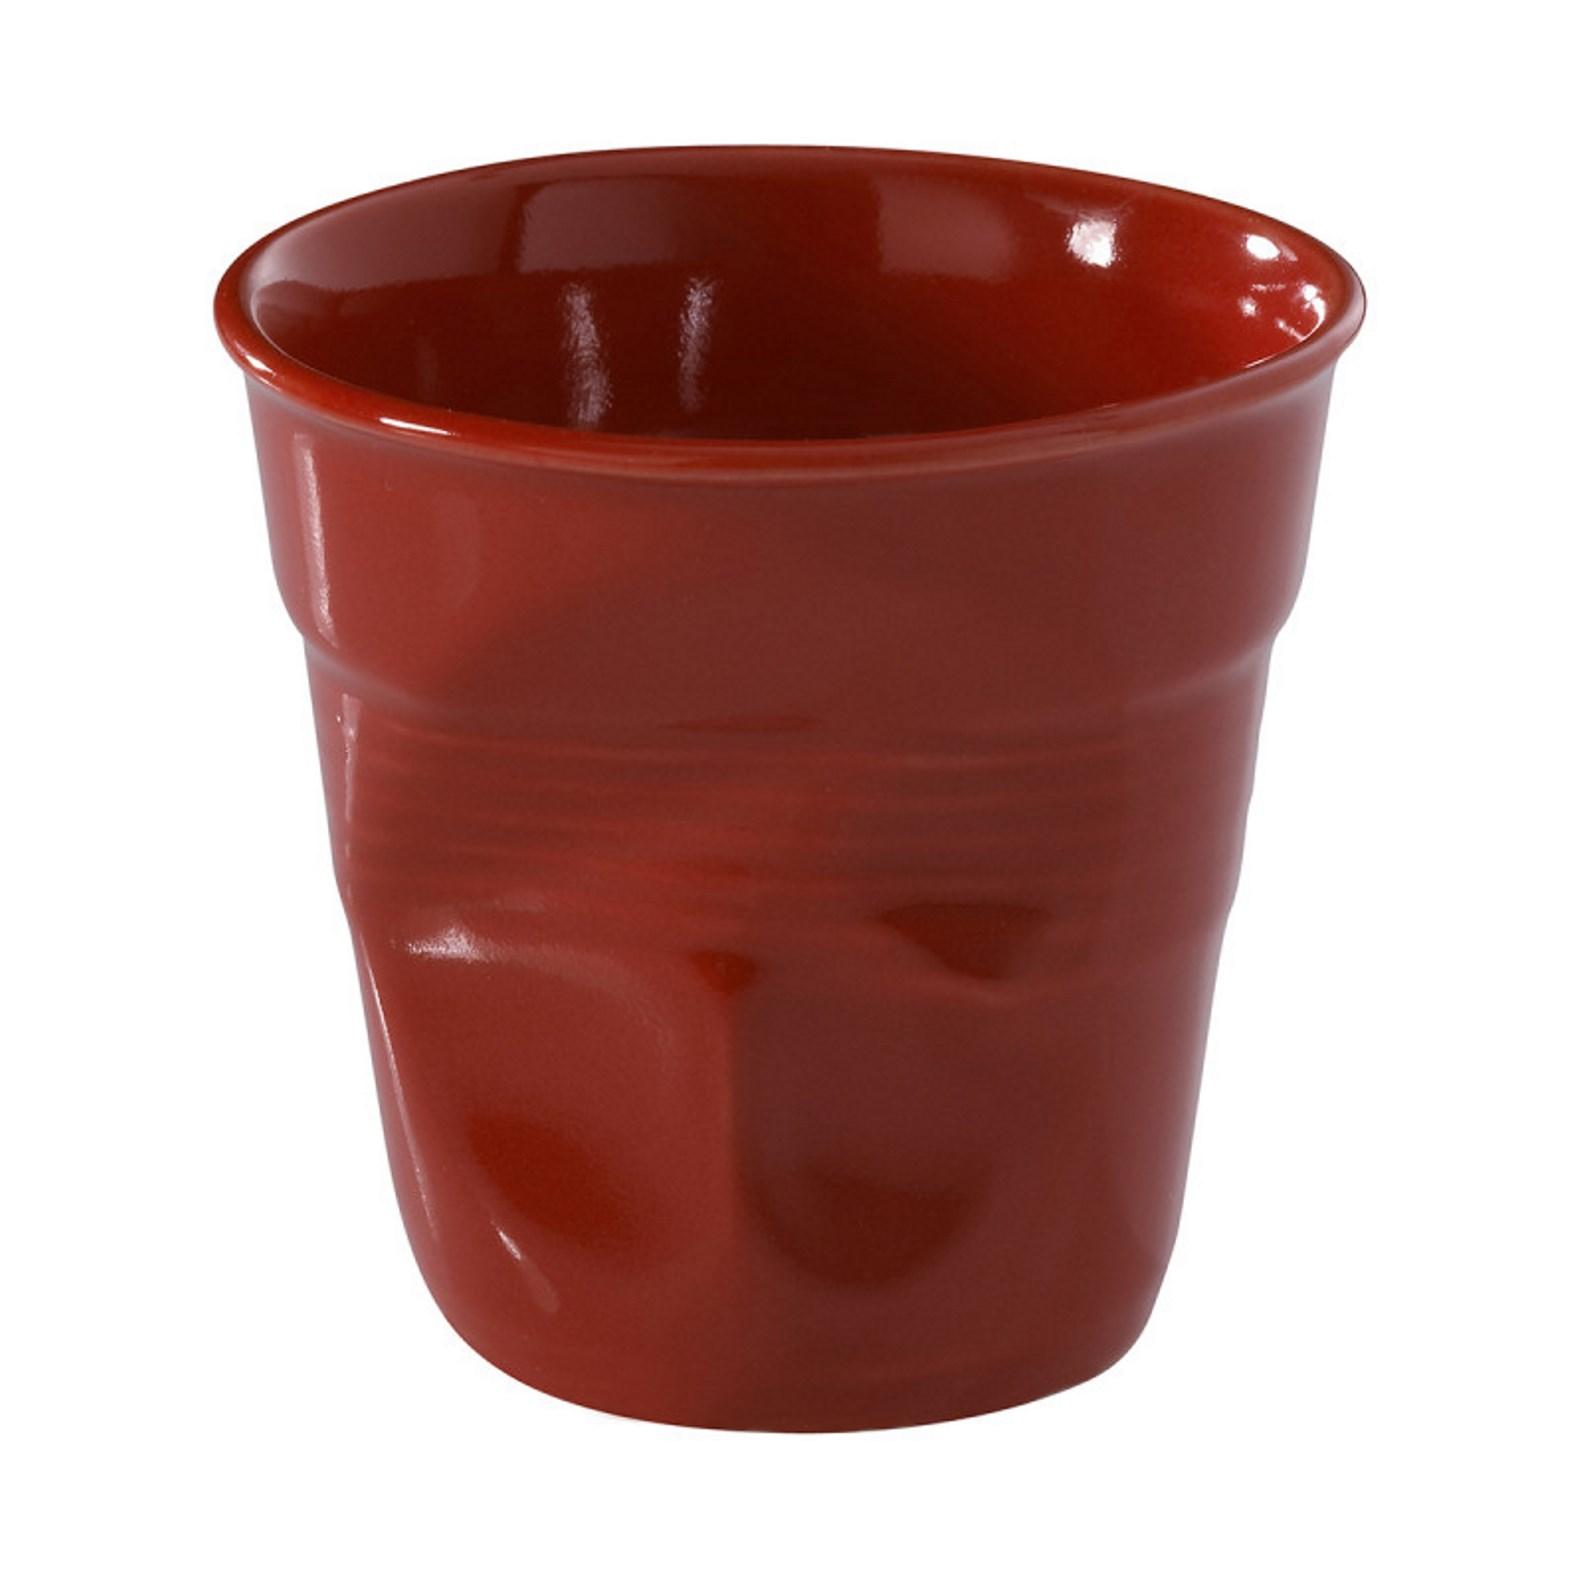 Онлайн каталог PROMENU: Стакан фарфоровый для кофе Revol FROISSES, объем 0,08 л, диаметр 6,5, высота 6 см, красный                               619088